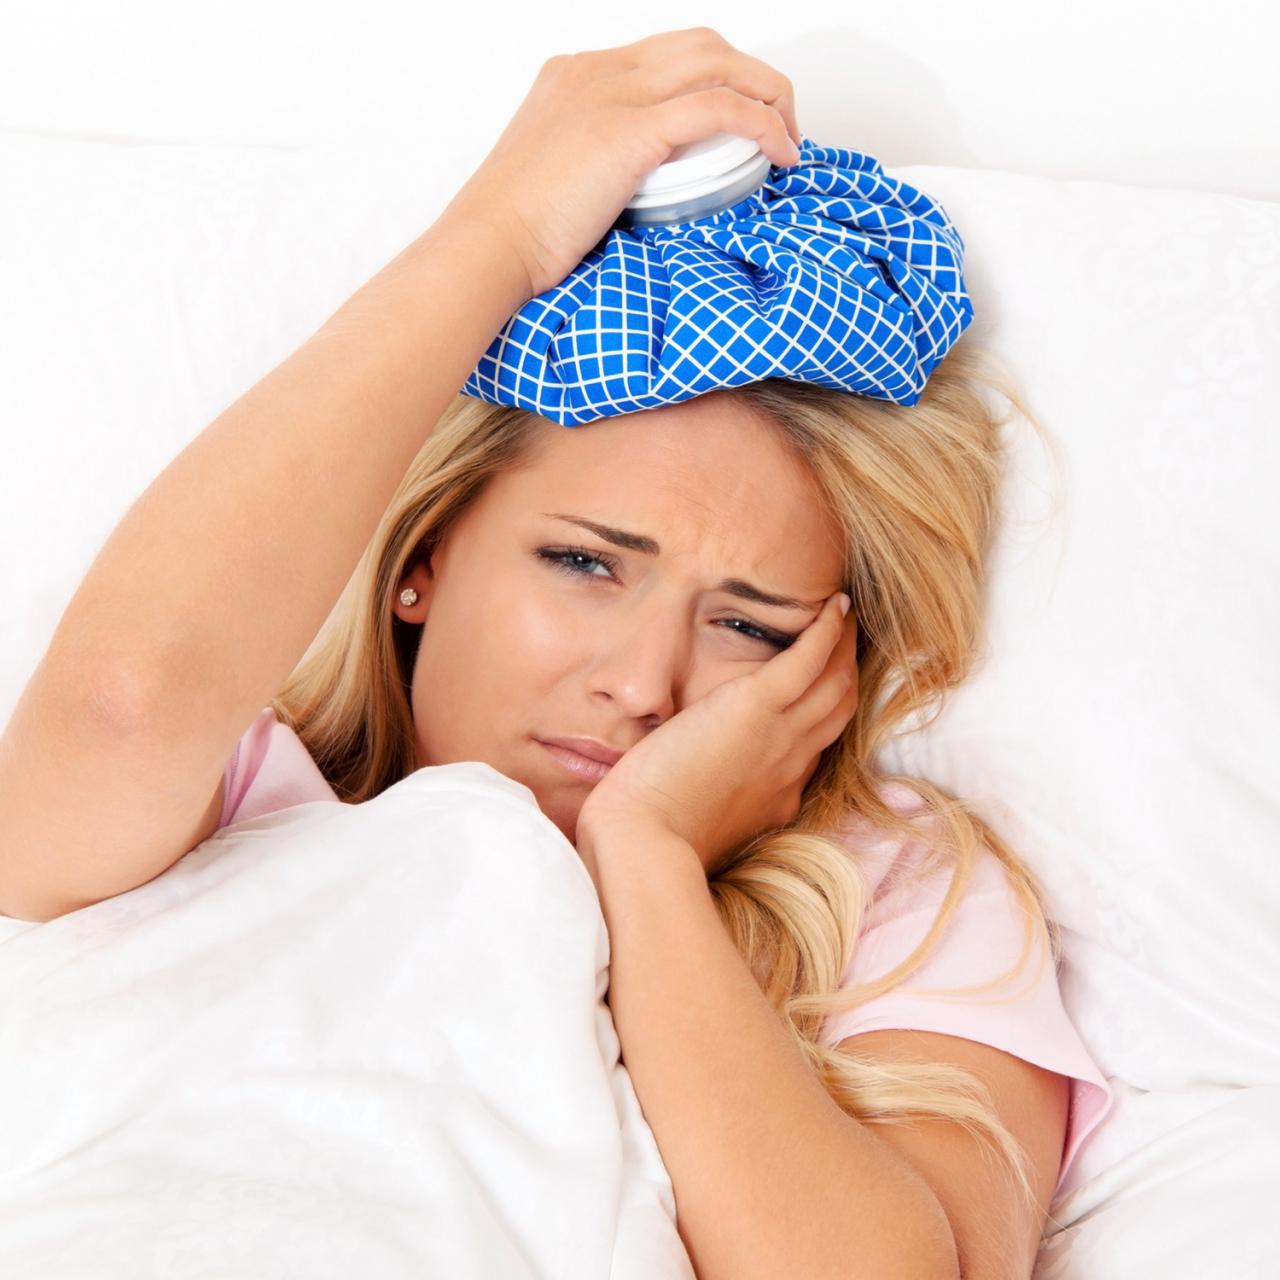 Oruçken Baş Ağrısı Nasıl Engellenir?